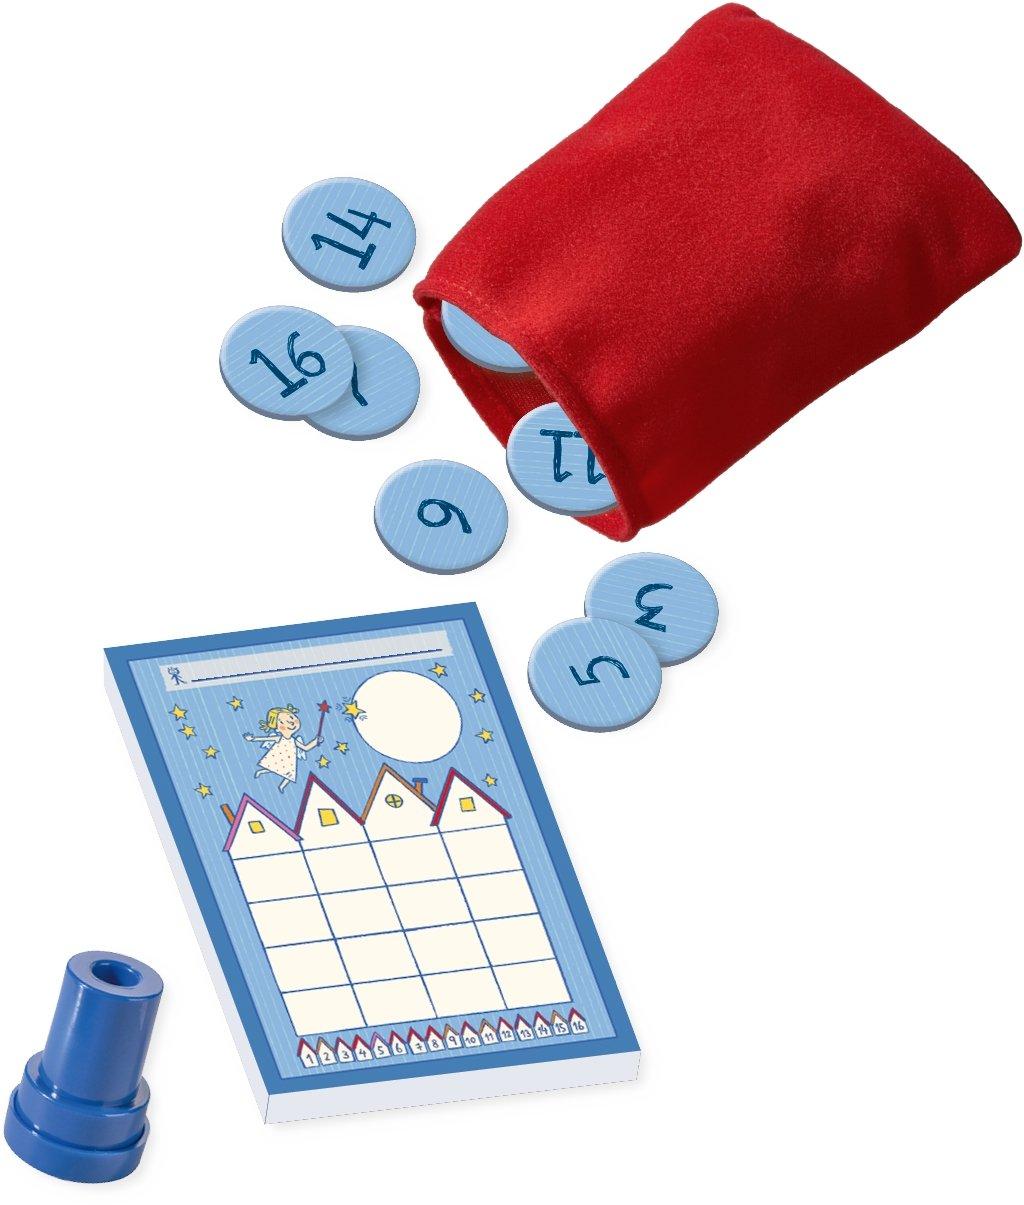 c8a19f14d Bingo - hra v plechovke, - 8,99 € od predávajúcej detskahracka ...